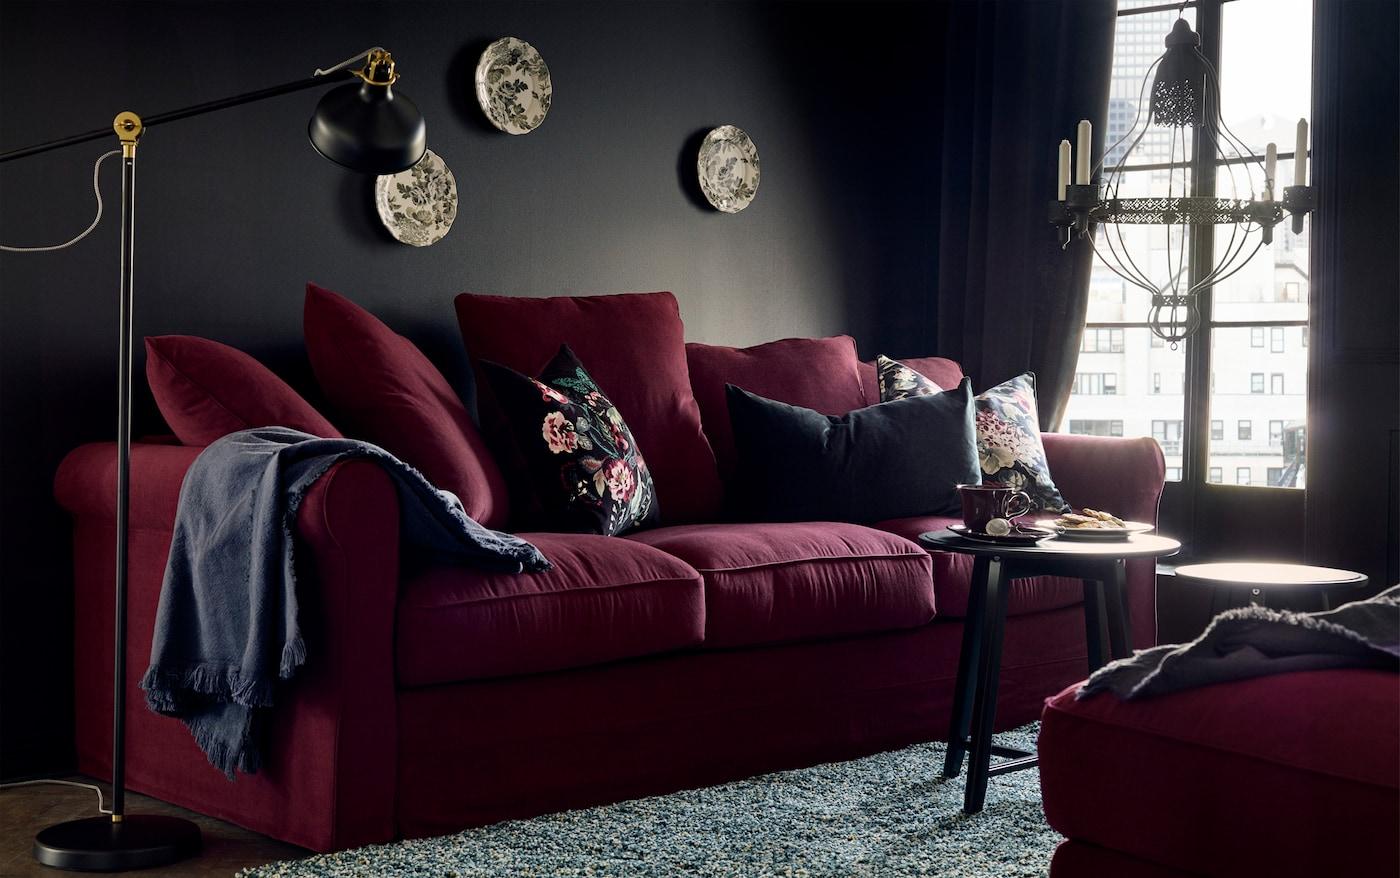 إضفاء نمط جديد على الغرفة يتعلق بتحديد التفاصيل - نقوش الوسائد، وأغطية المصابيح وزخارف الجدران تصنع فرقًا كبيرًا.